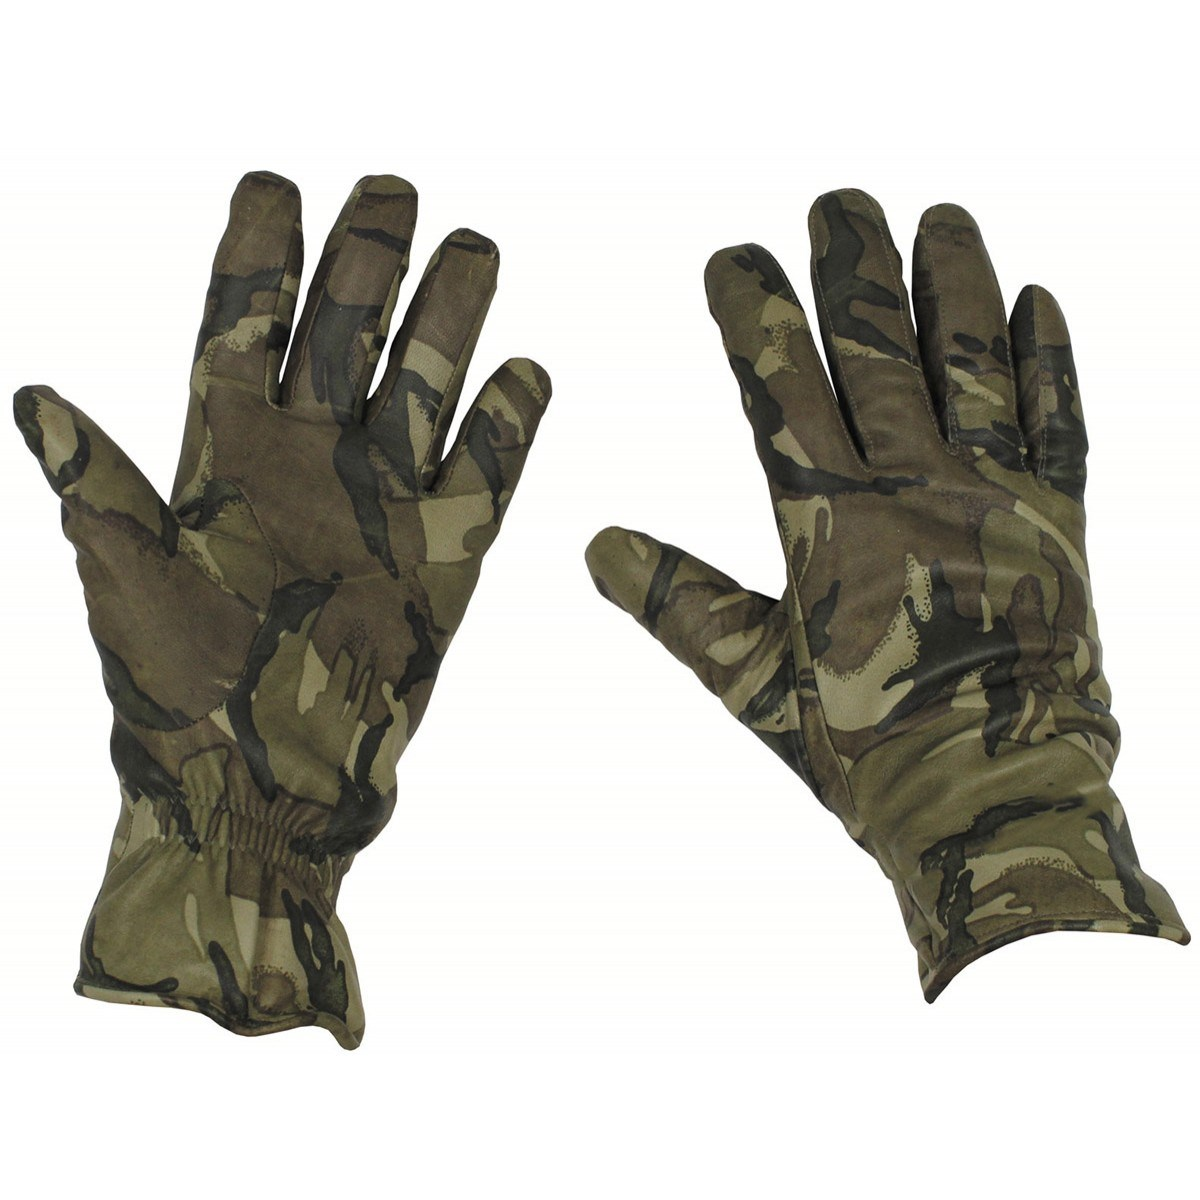 Rukavice kožené BRITSKÉ MK II Combat MTP použité - zvìtšit obrázek